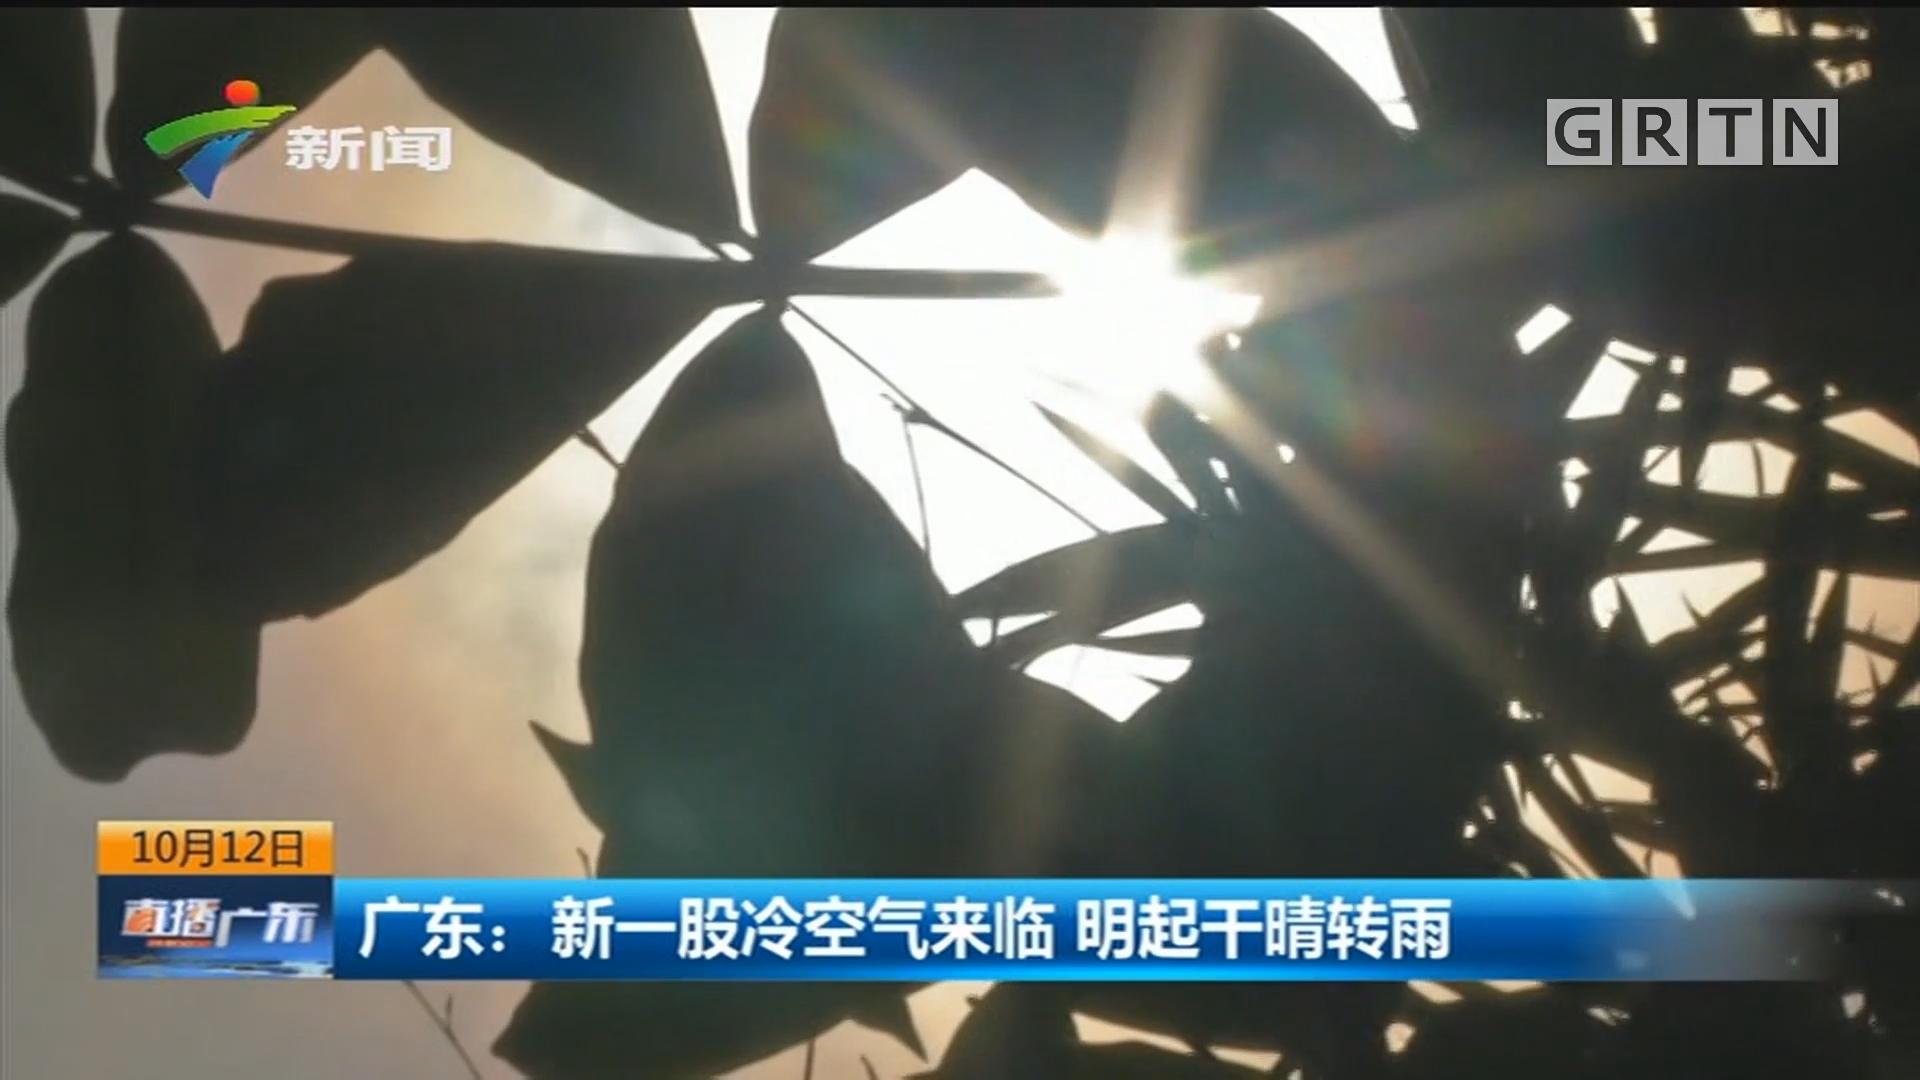 广东:新一股冷空气来临 明起干晴转雨